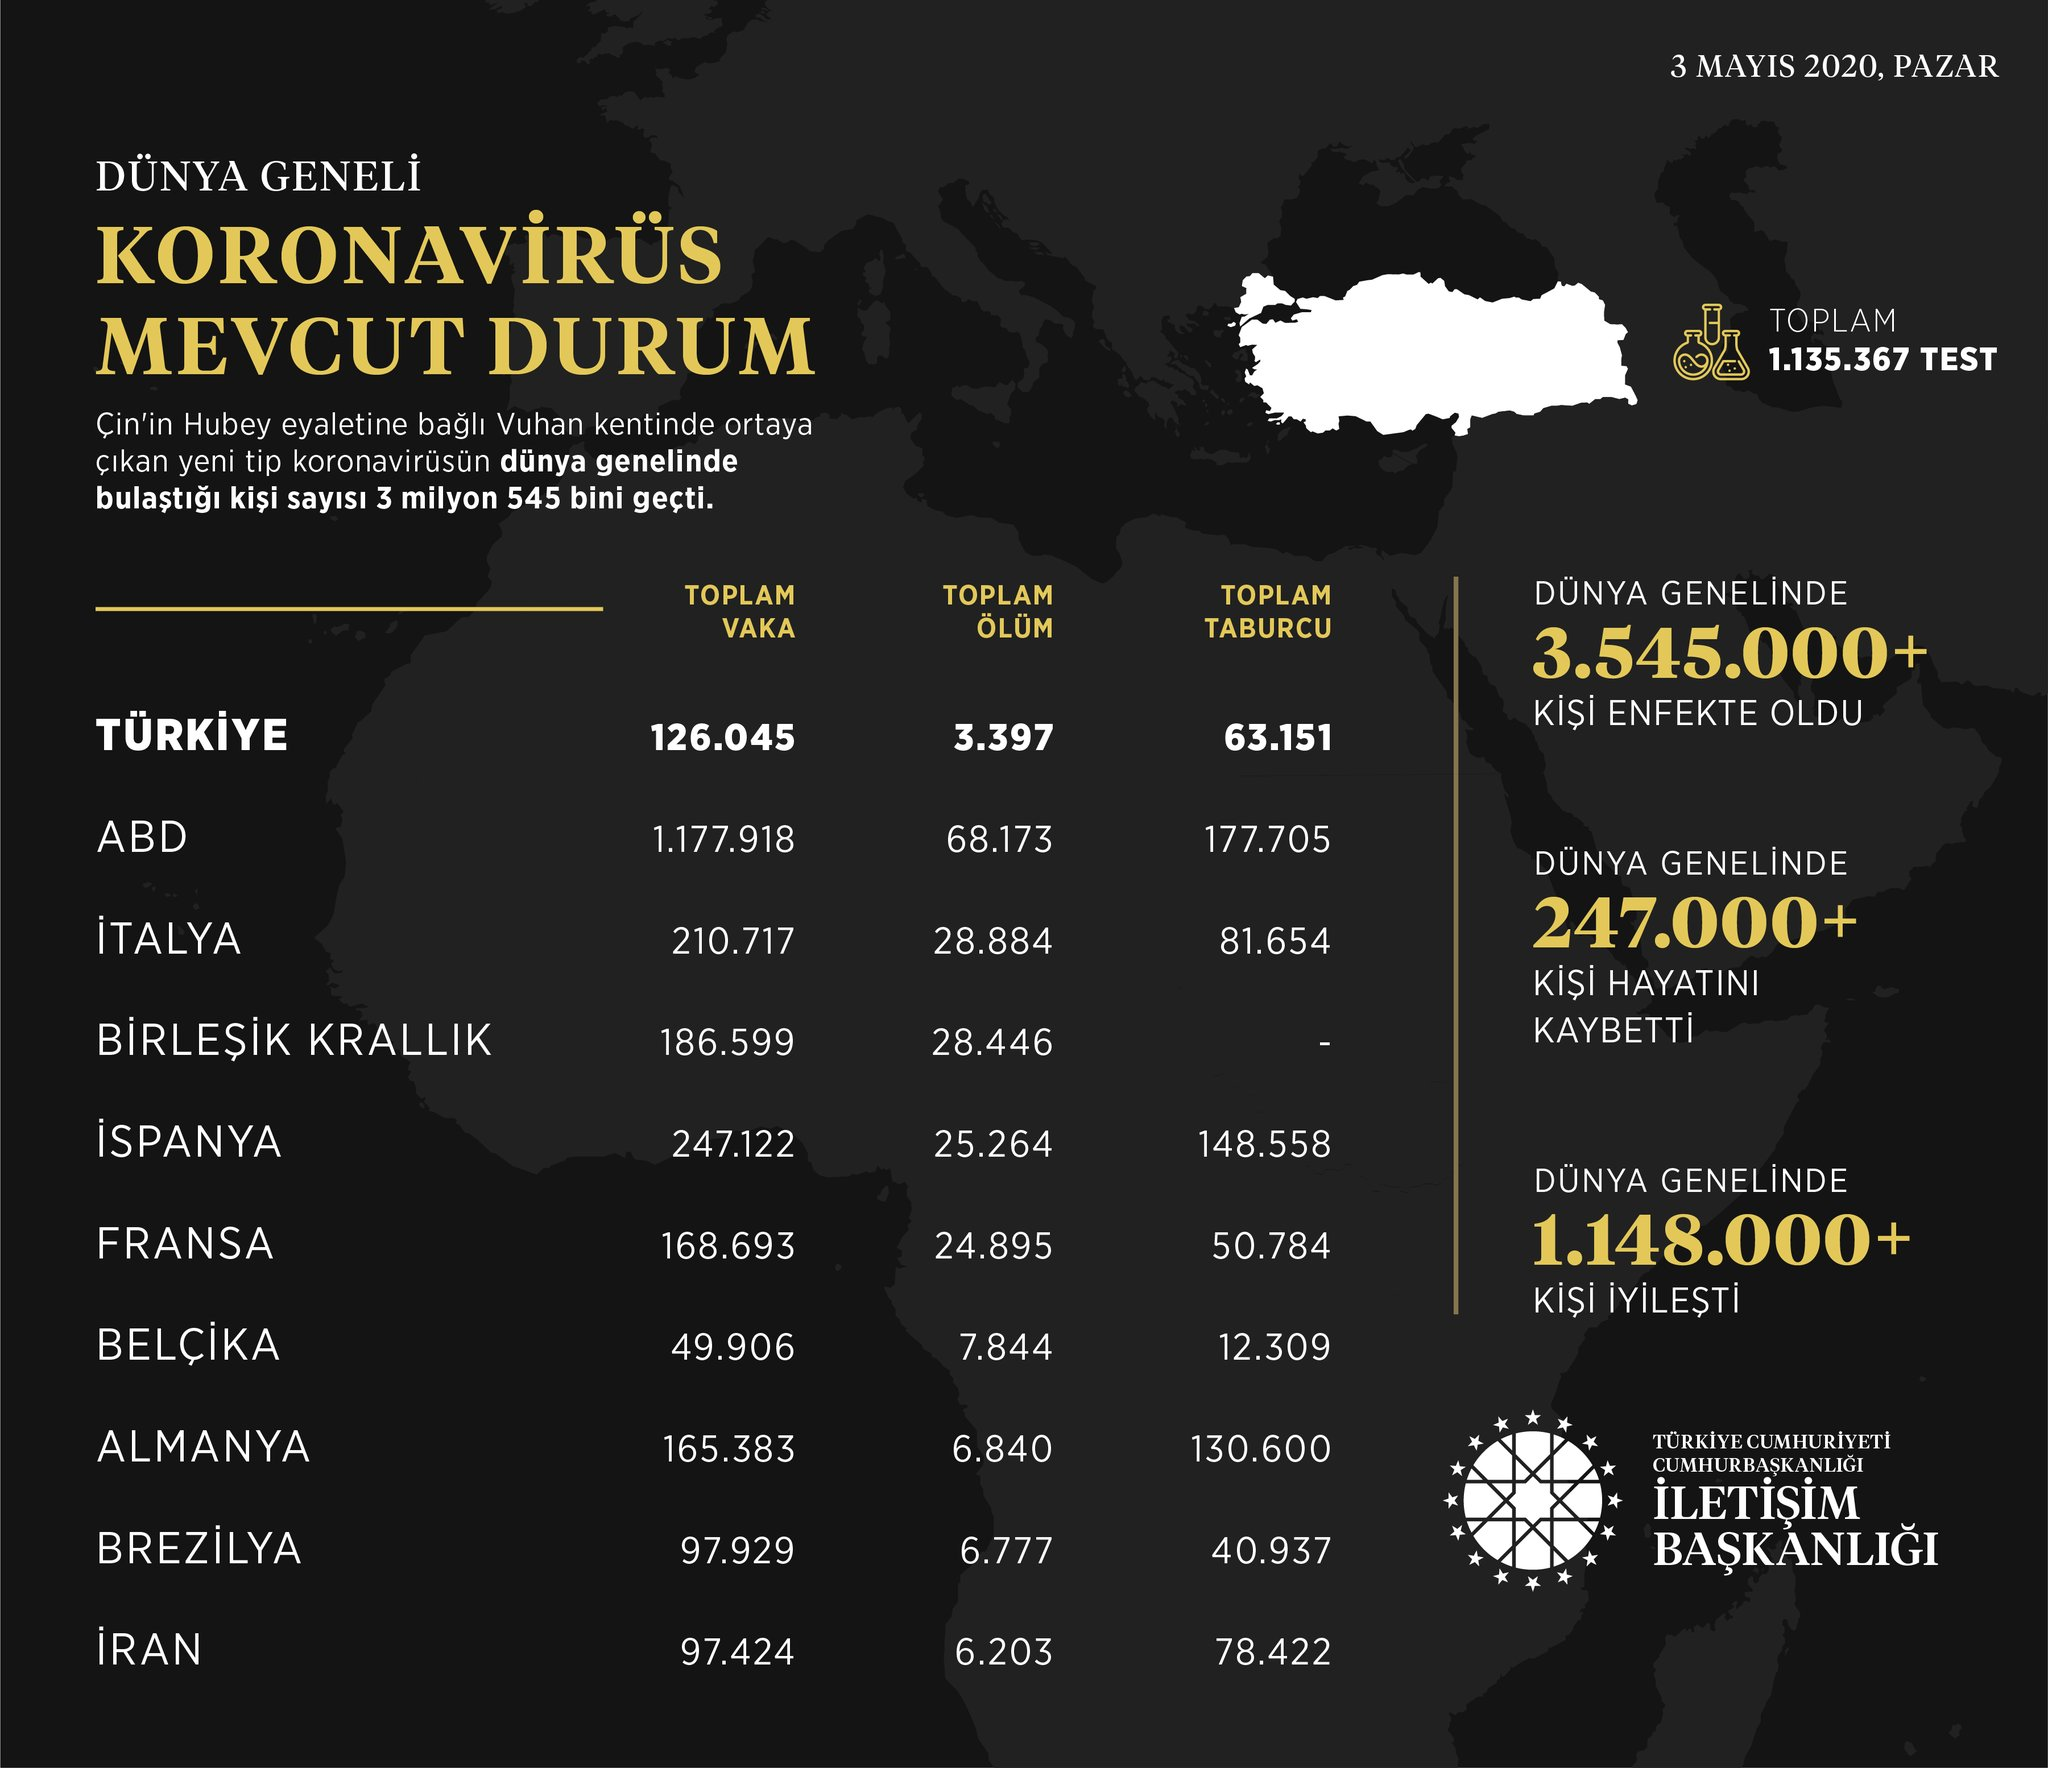 Türkiye koronavirüs salgınında örnek bir mücadele veriyor